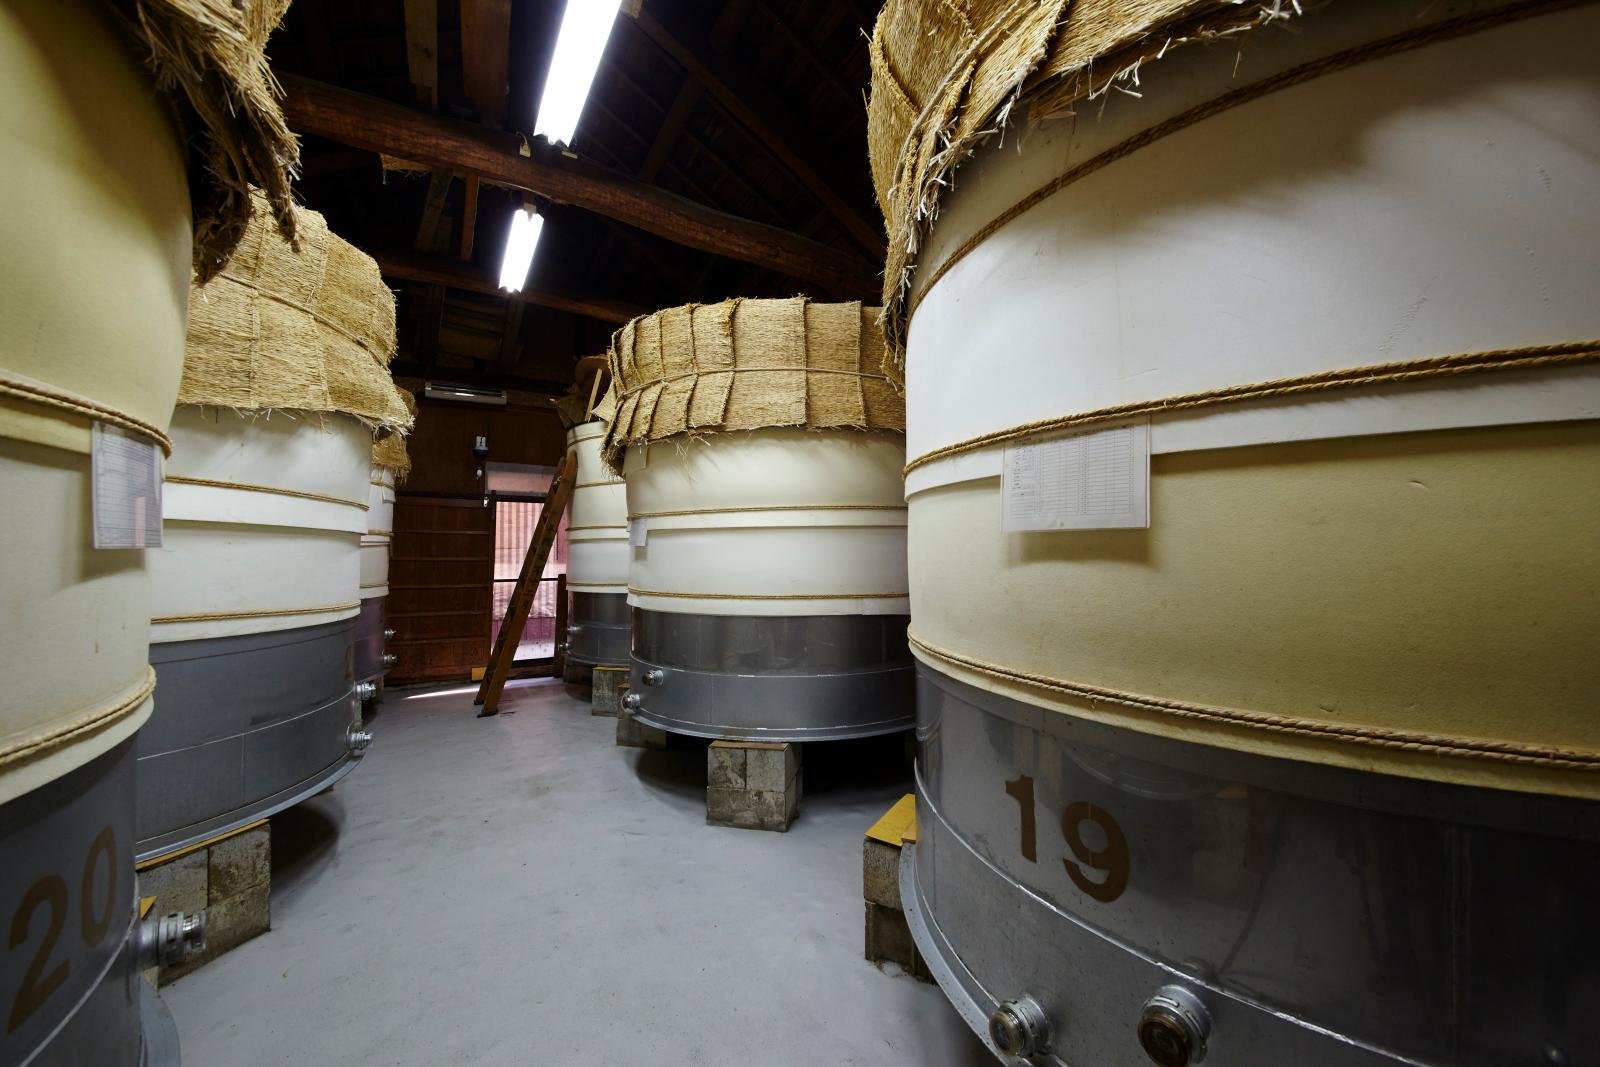 蔵の中には、発酵中のお酢の樽がずらりと並ぶ。